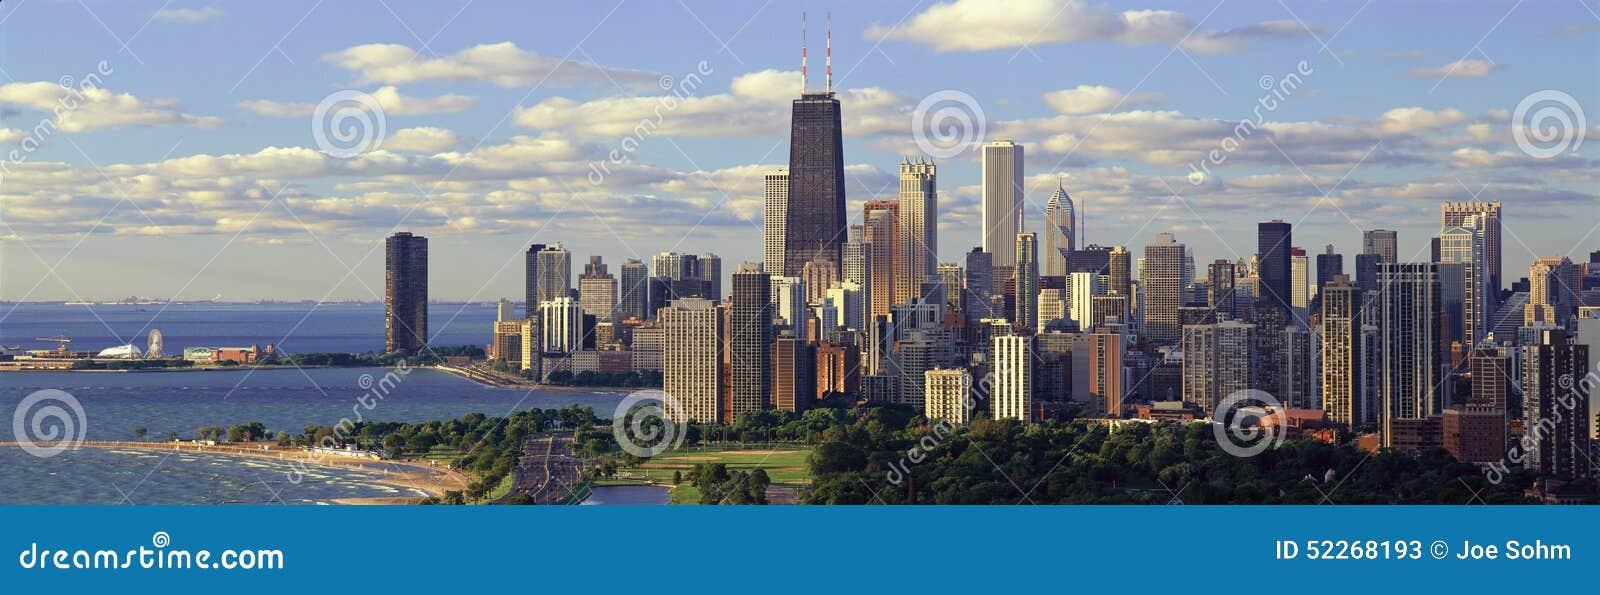 和�9�e����il�`f��,_密歇根湖和林肯公园,芝加哥, il全景.